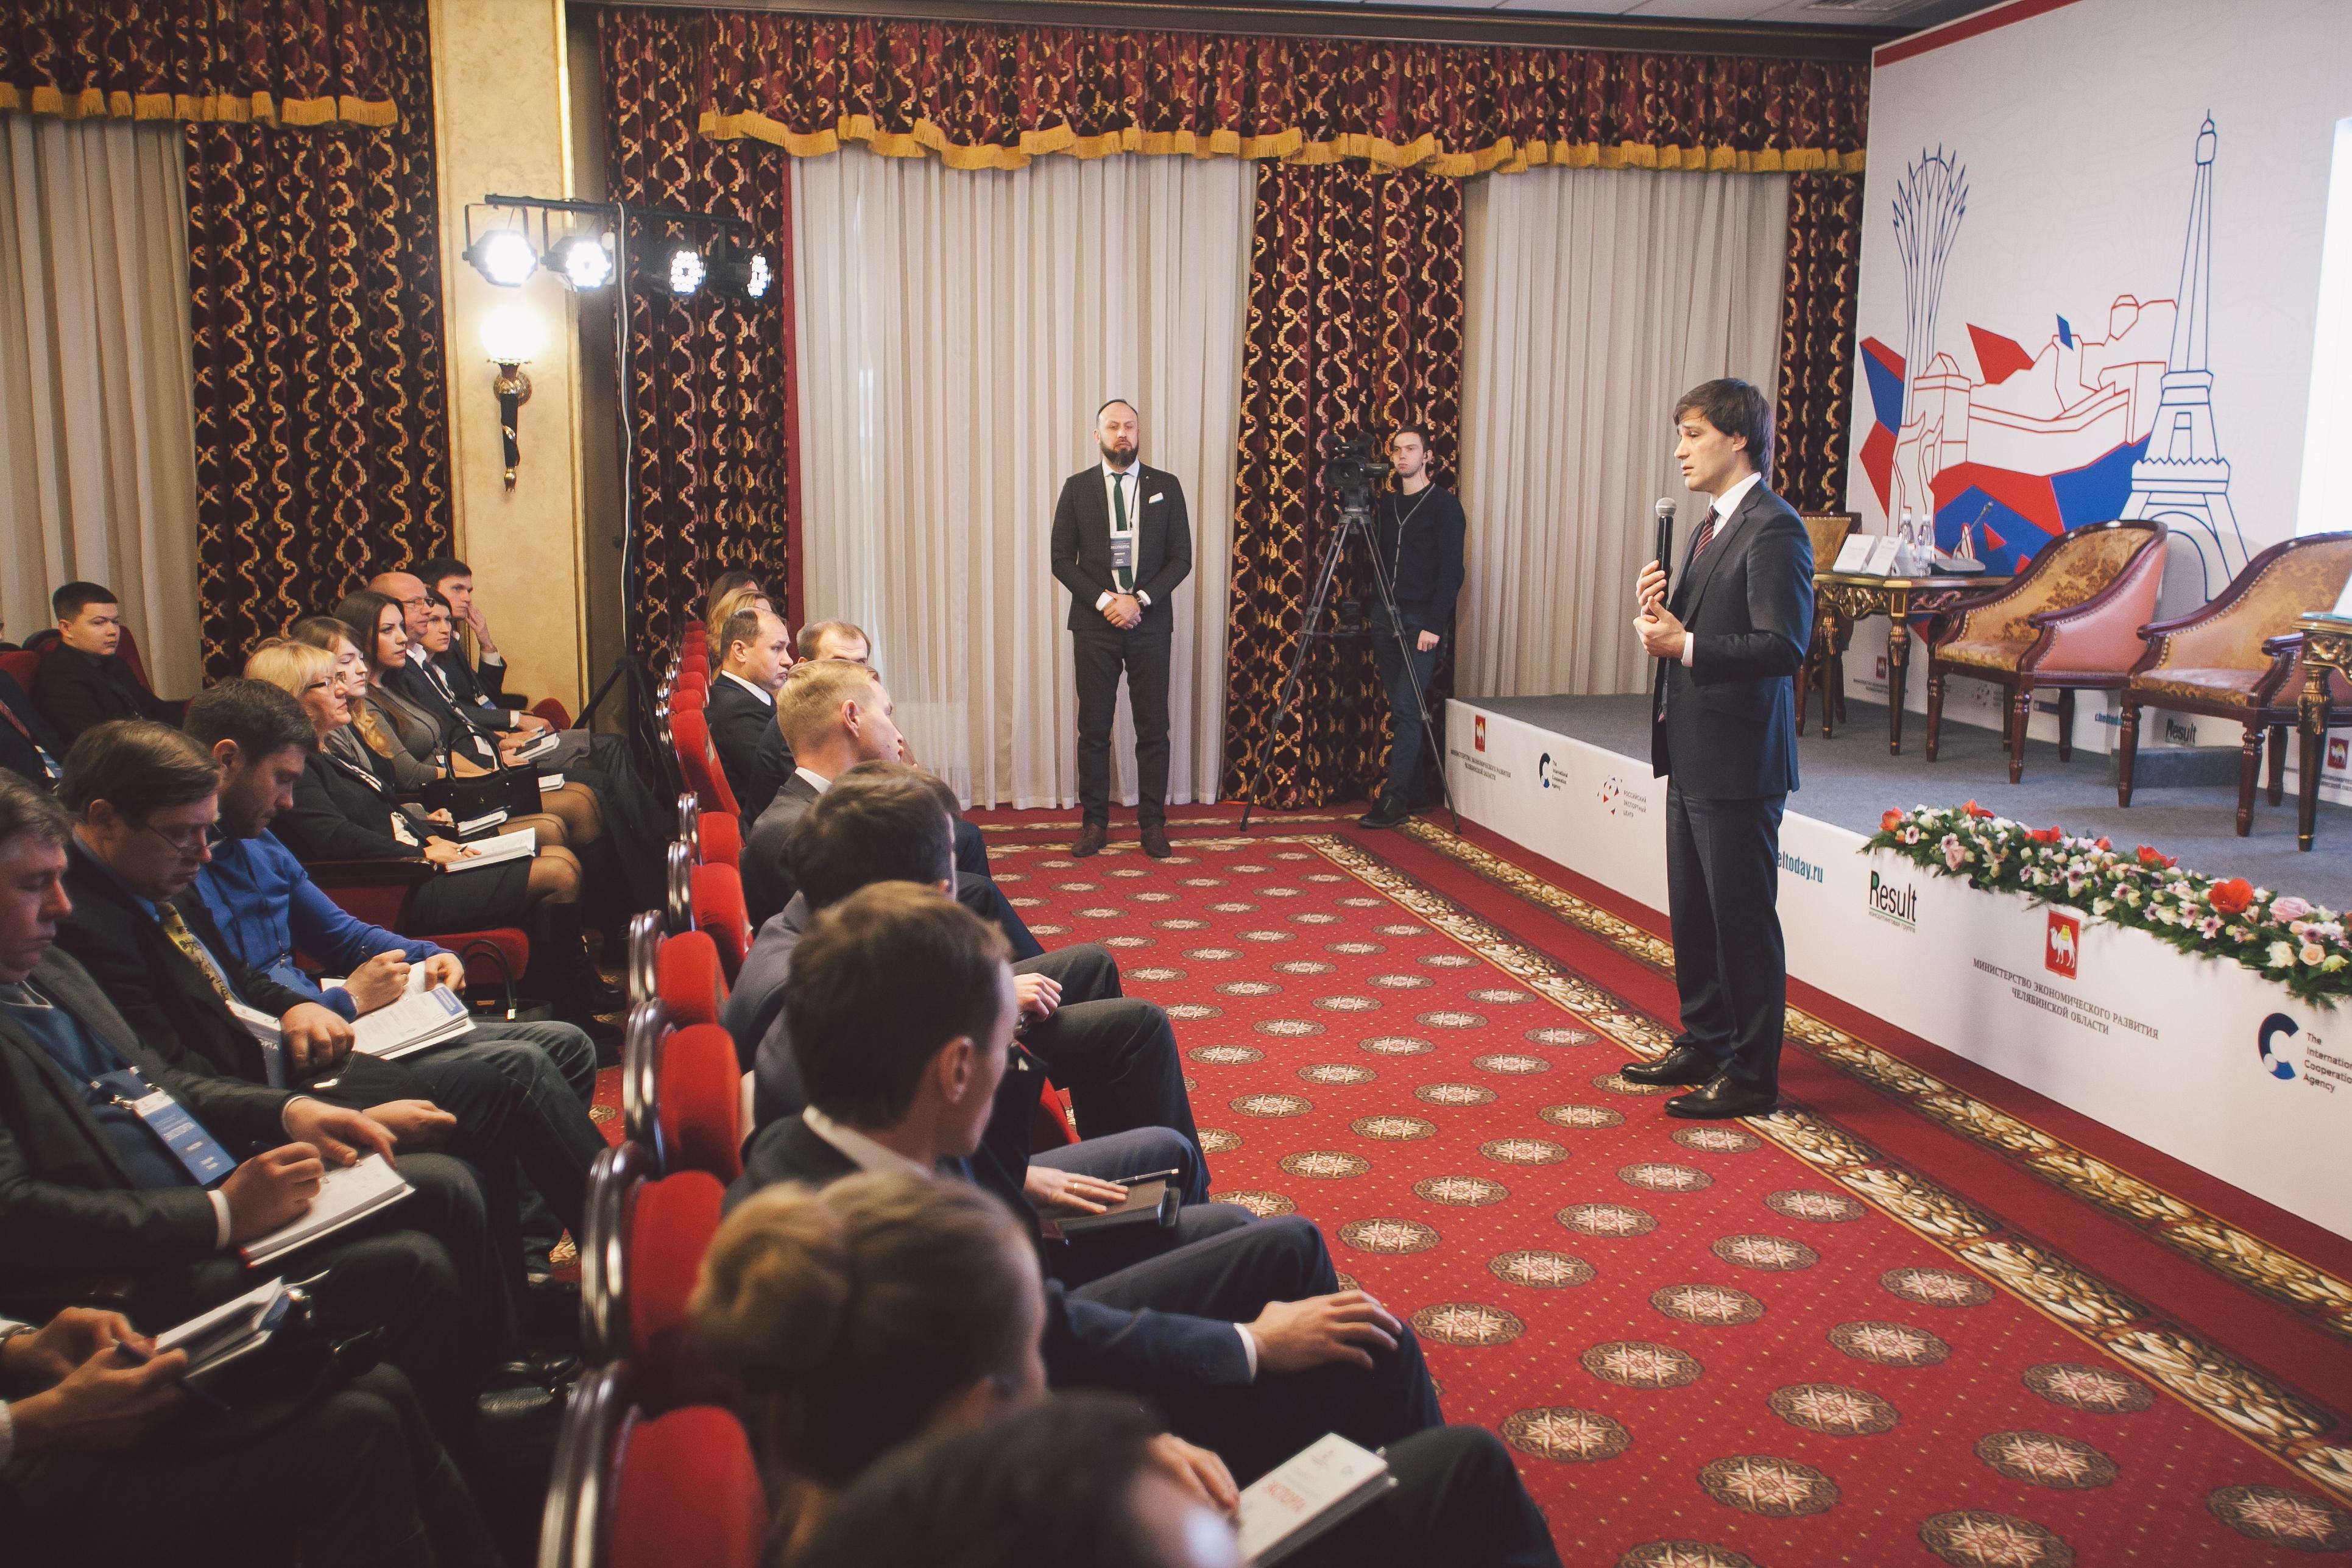 2016-12-23-10-16-05_glebsavin_ru